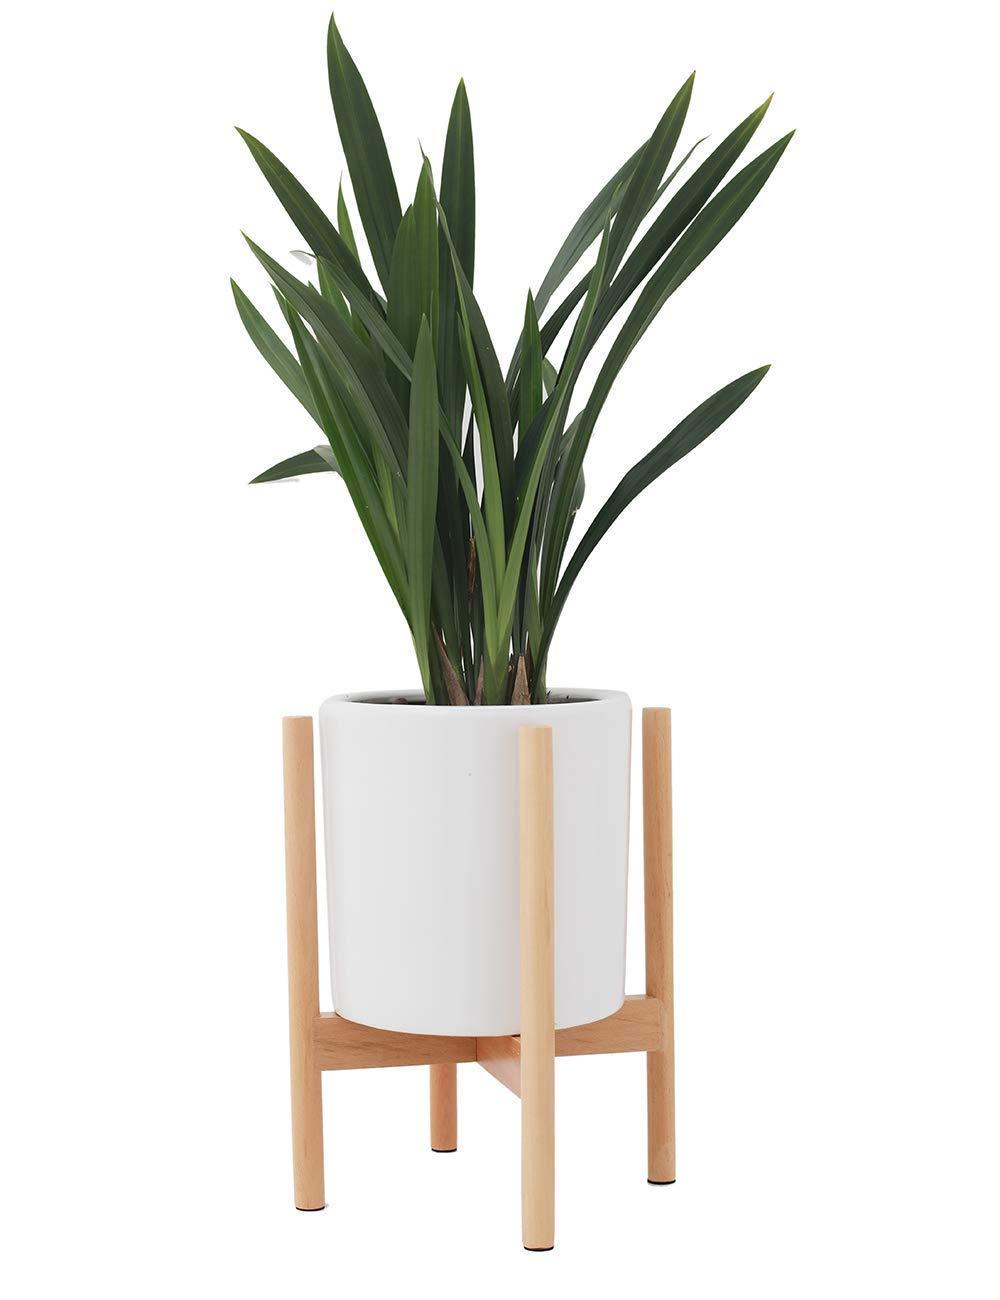 LouisaYork Legno fioriera Holder Display Rack, Legno Flower Stand,Supporto per Piante in Legno, per Interni/Esterni, Supporti per Vaso di Fiori